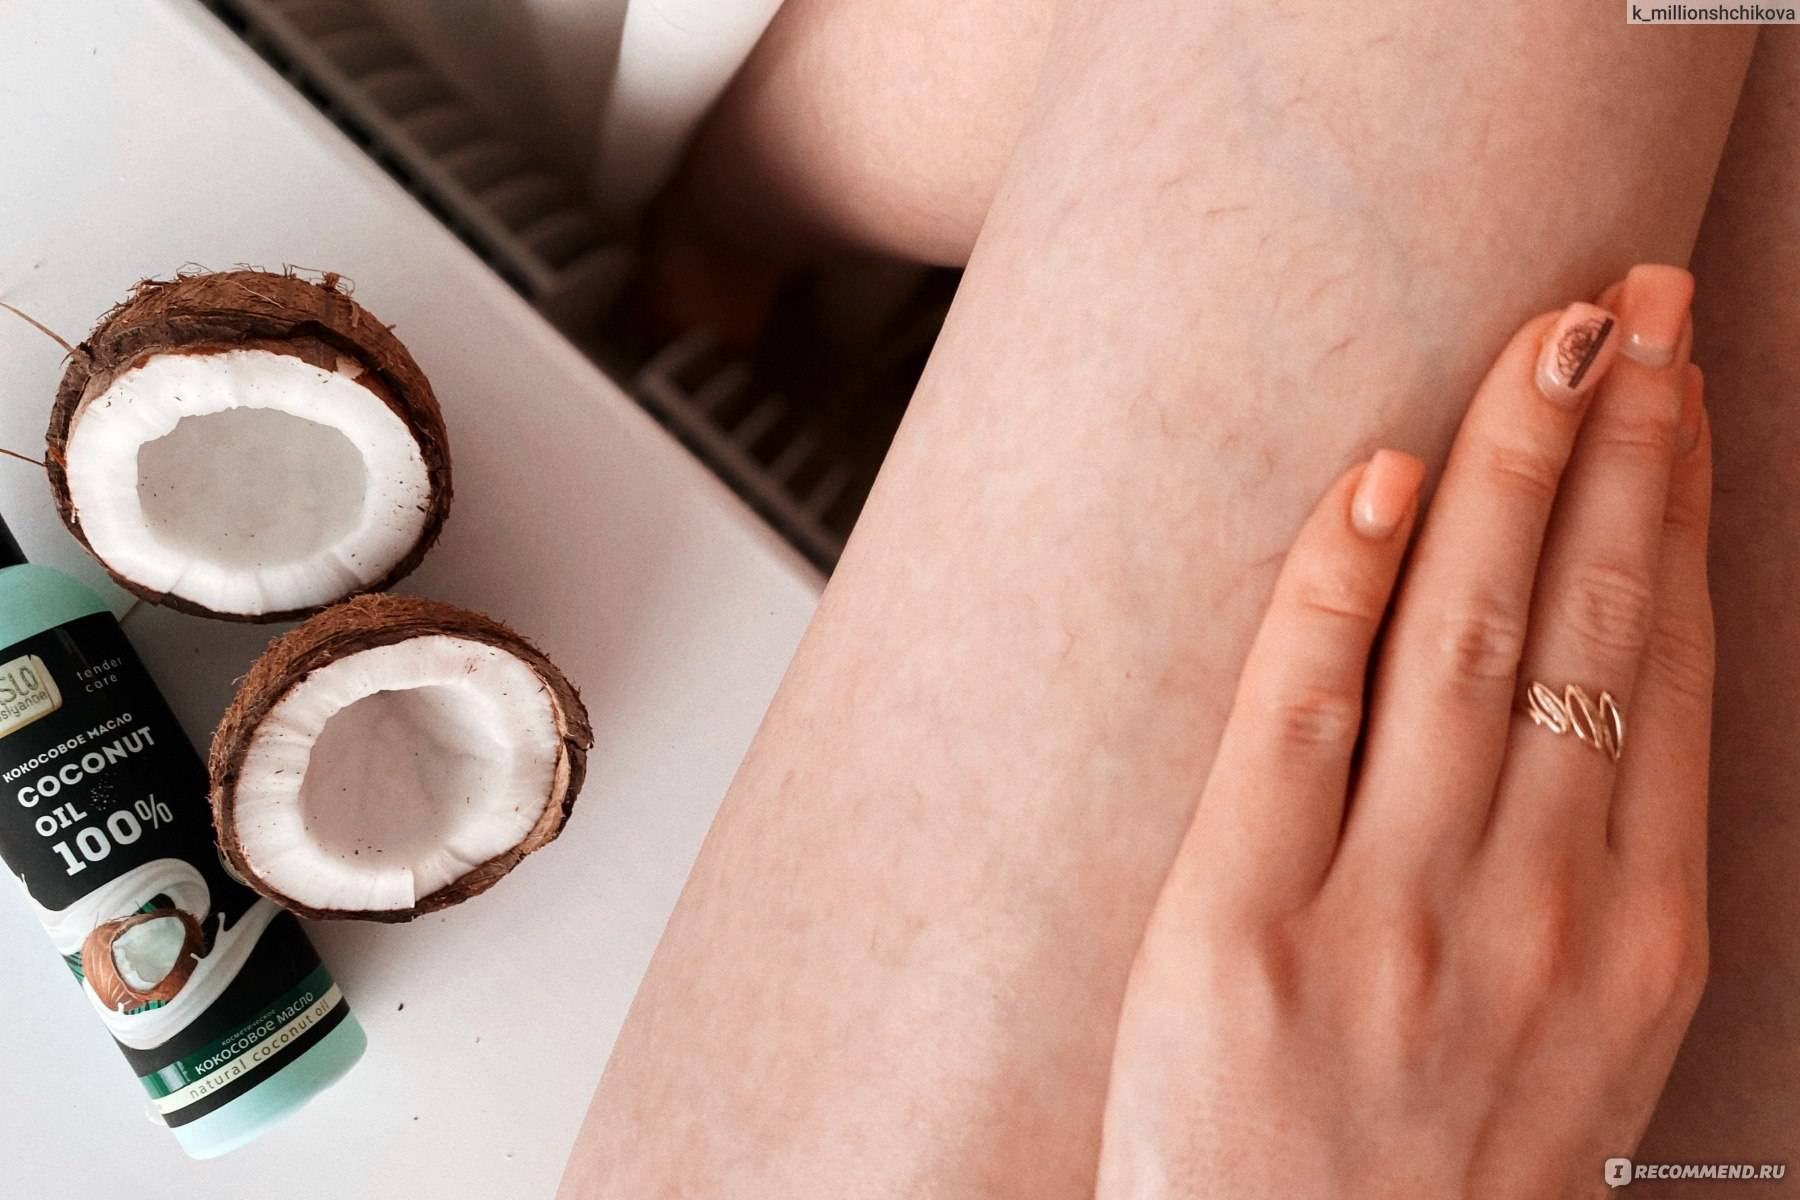 Топ-5 масел против растяжек во время беременности